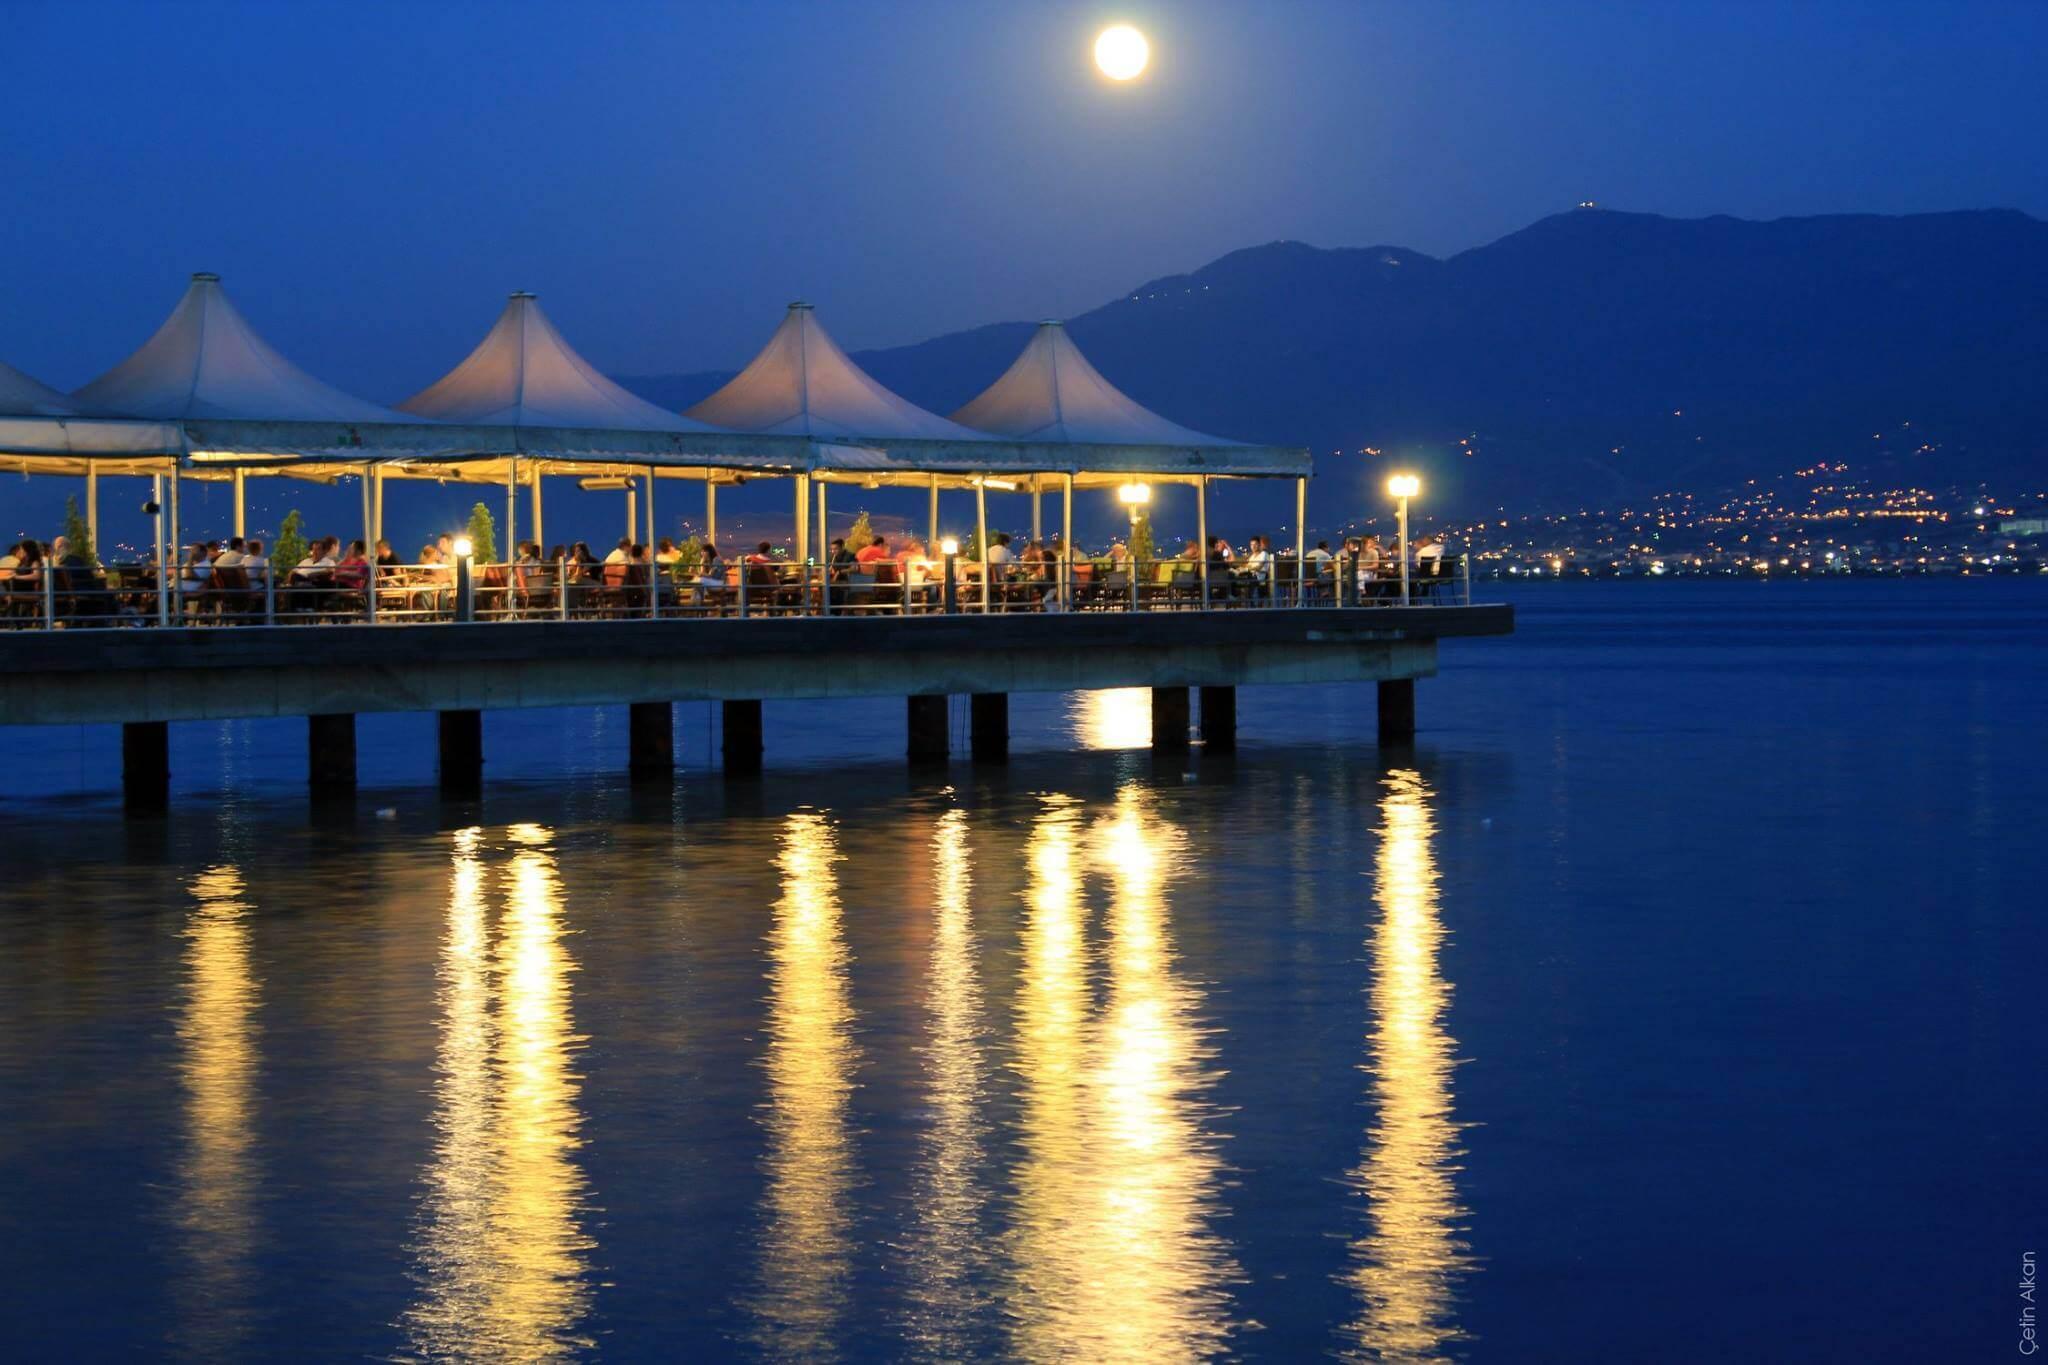 مدينة ازميت التركي - البحر الاسود